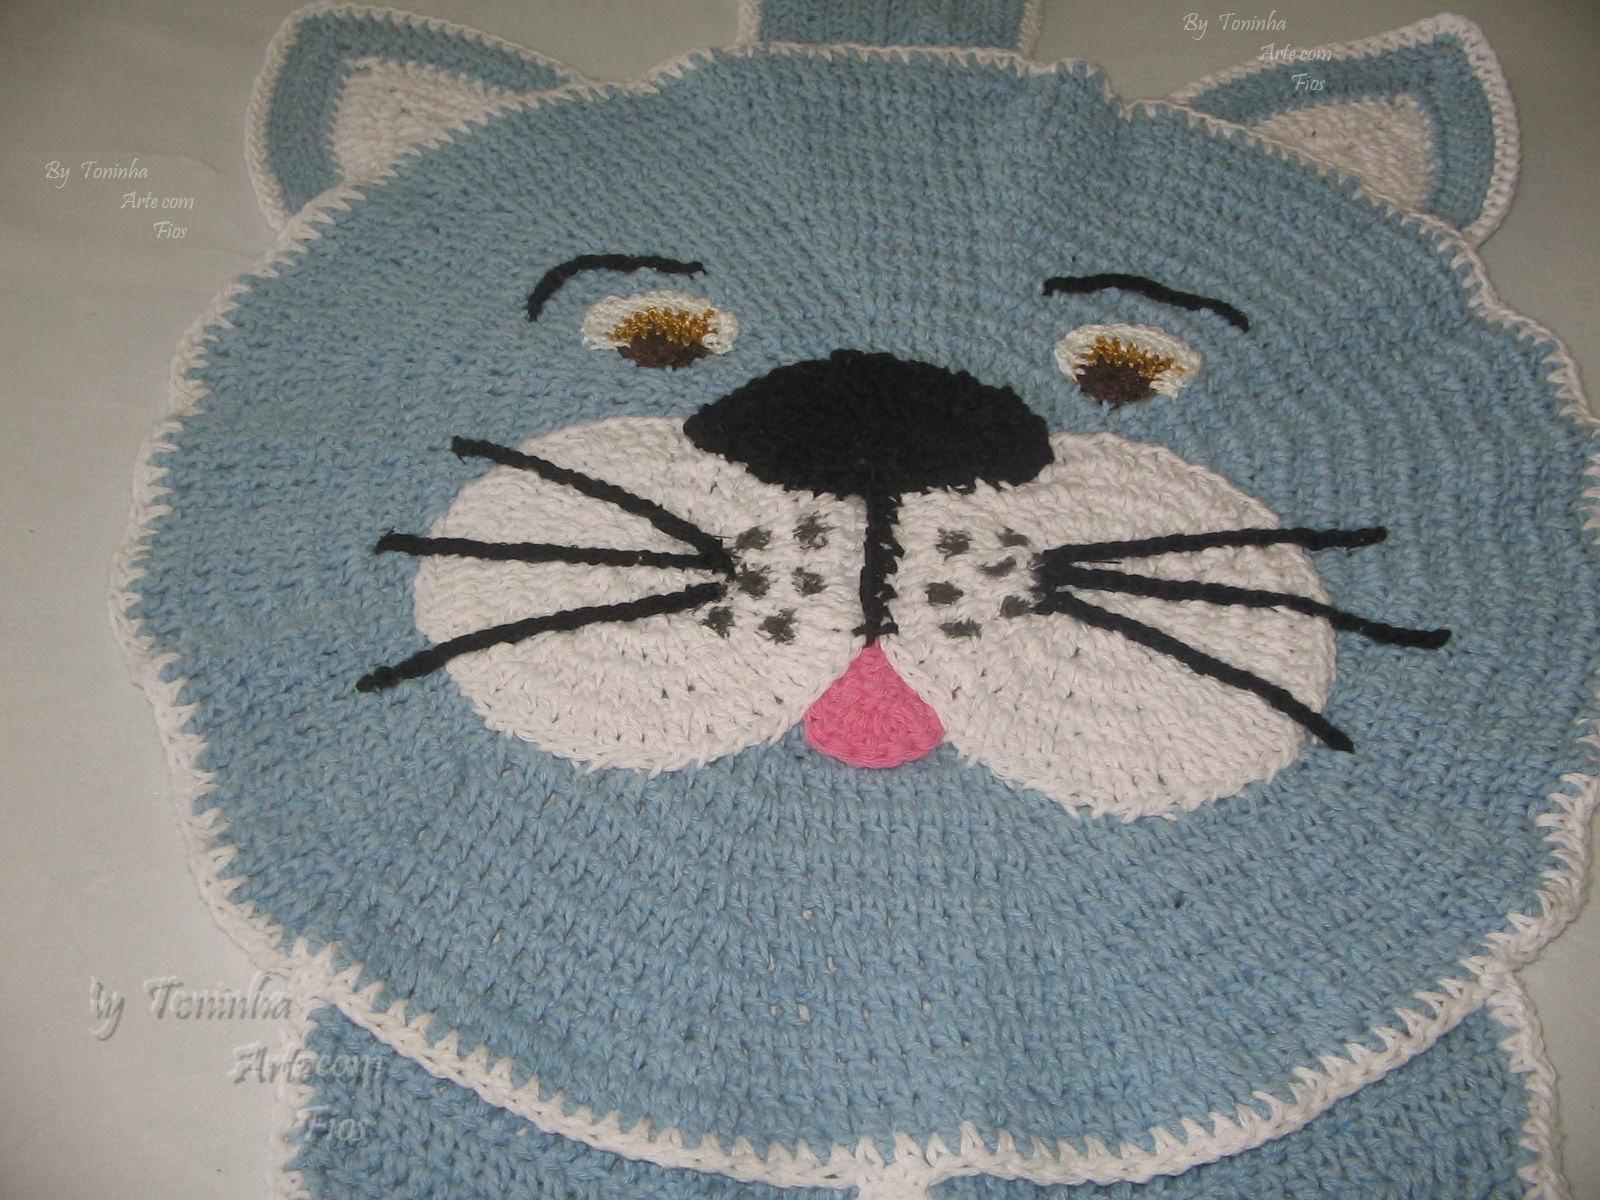 Toninha Arte com fios: Tapetes em crochê com barbante #92394E 1600 1200